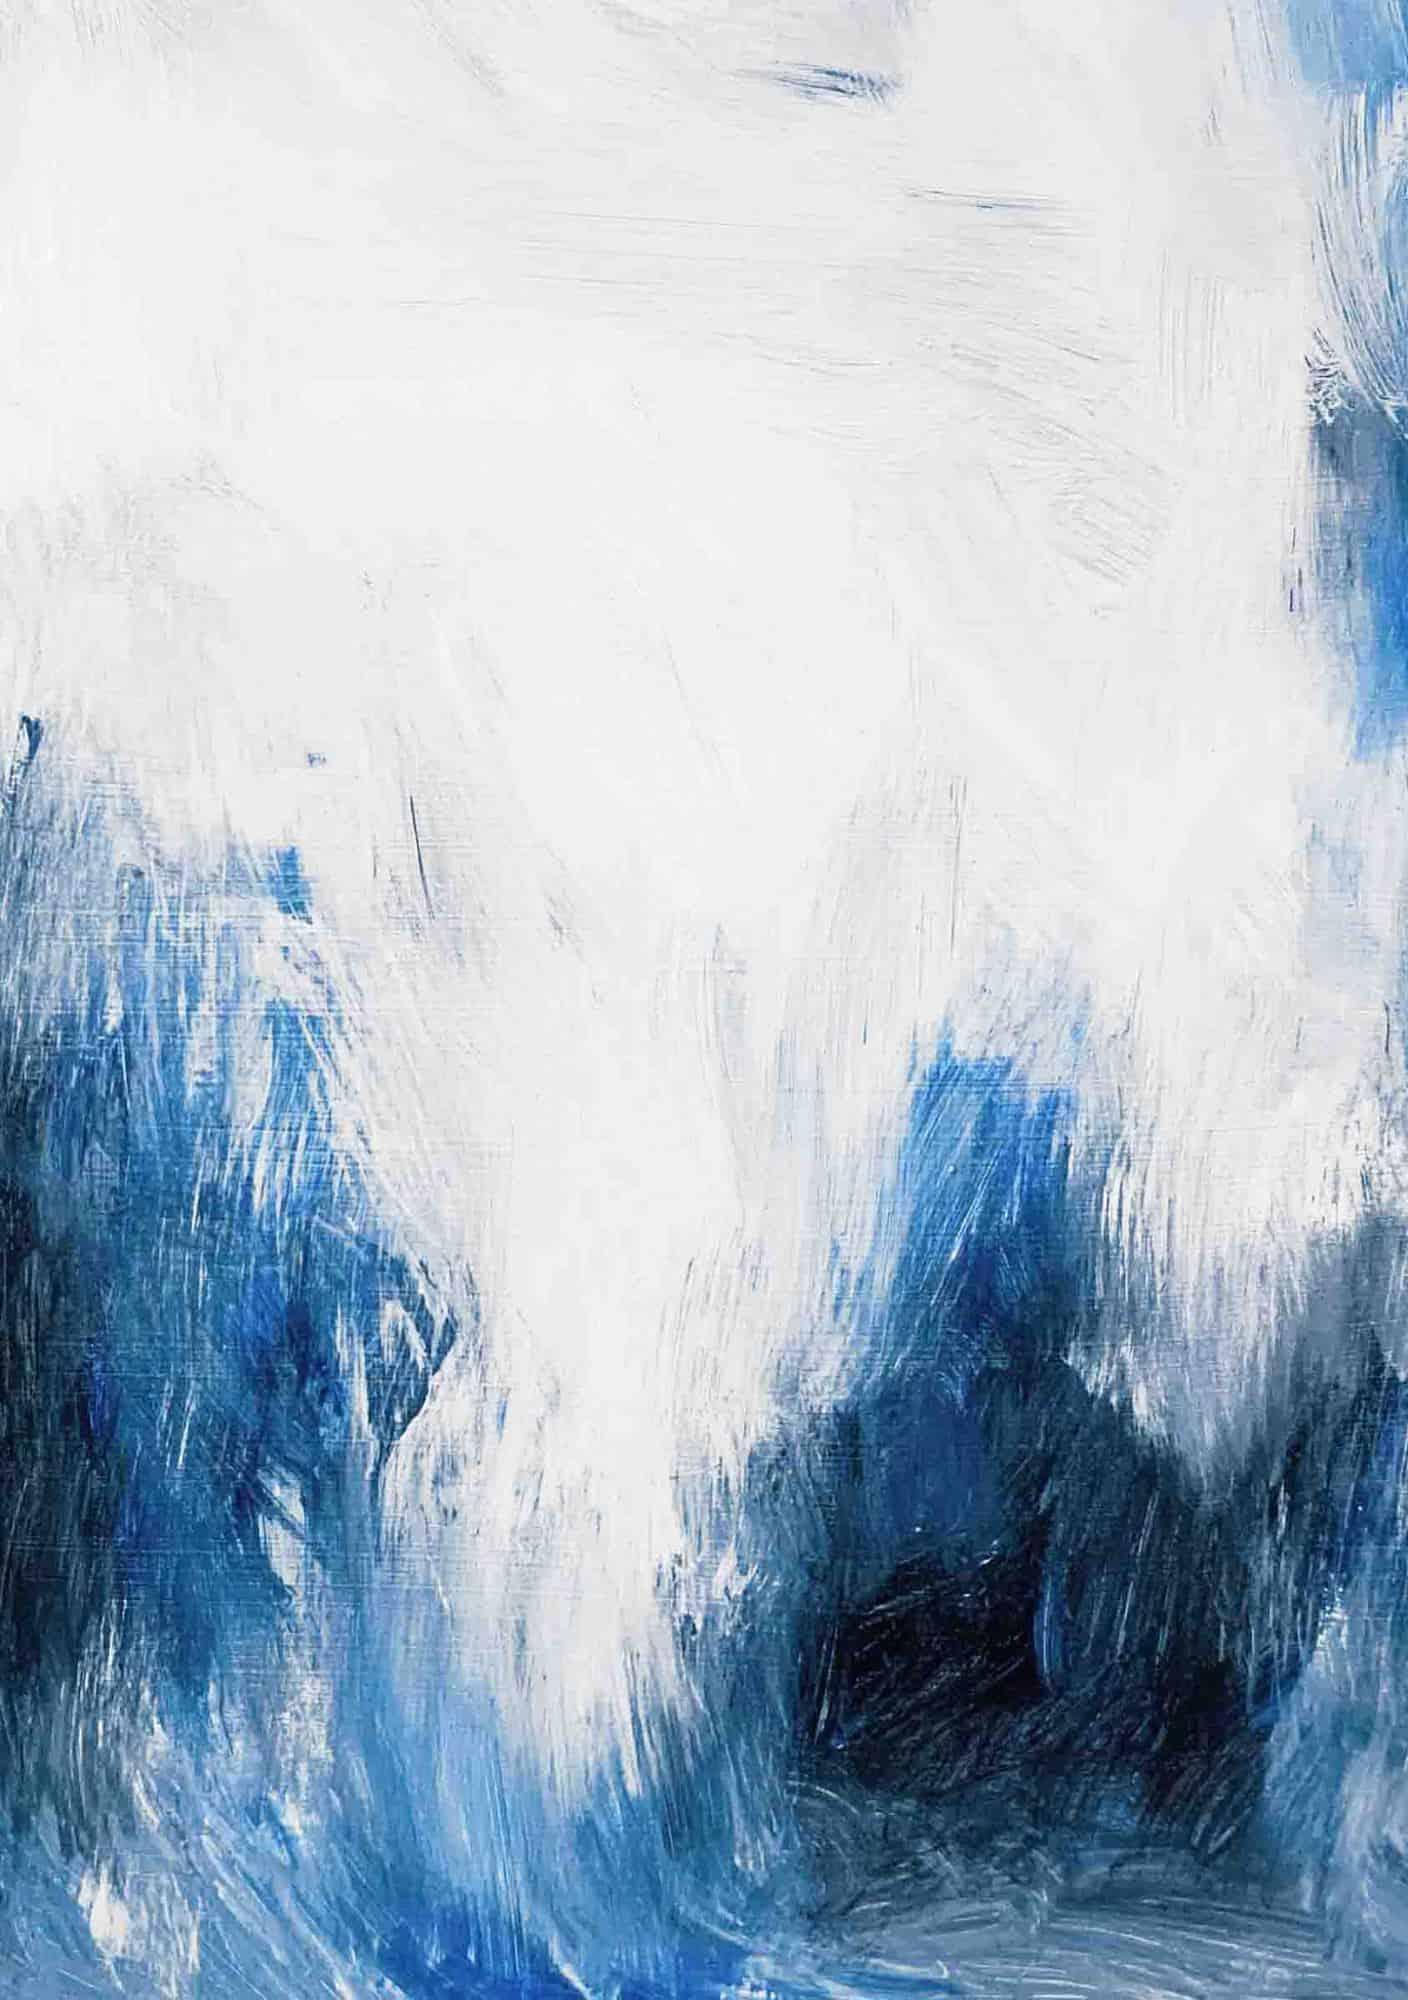 Ölgemälde auf Leinwand blaue Erscheinung